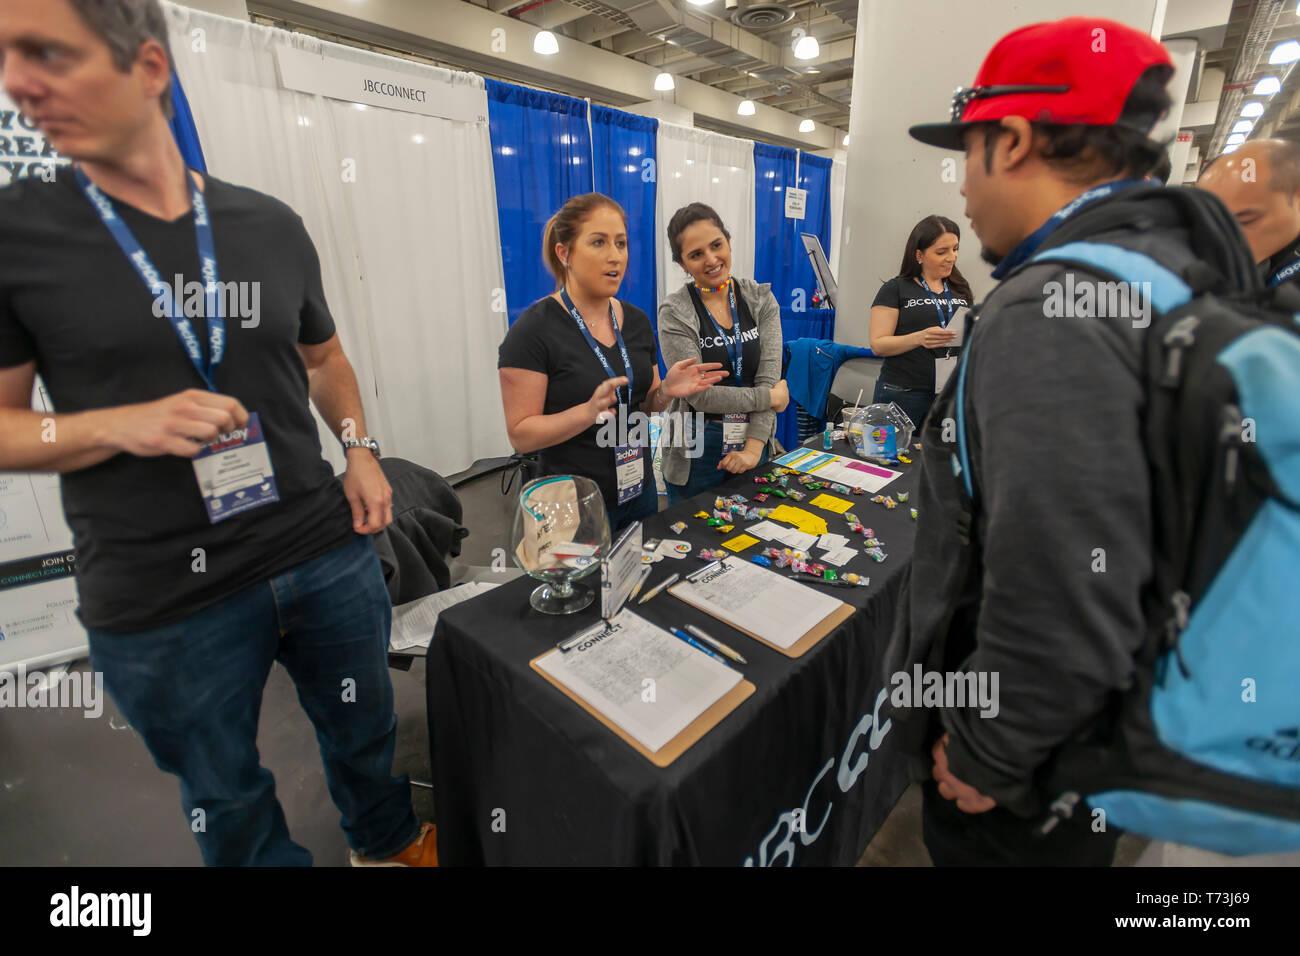 JBCConnect, una empresa de contratación, en el TechDay evento de Nueva York el jueves, 2 de mayo de 2019. Miles de personas asistieron a buscar trabajos con las startups y de relacionarse con sus pares, y quizás para encontrar el próximo gran inicio. TechDay cuentas a sí misma como la más grande de EE.UU. evento STARTUP con más de 350 expositores y más de 20.000 asistentes. (© Richard B. Levine) Foto de stock